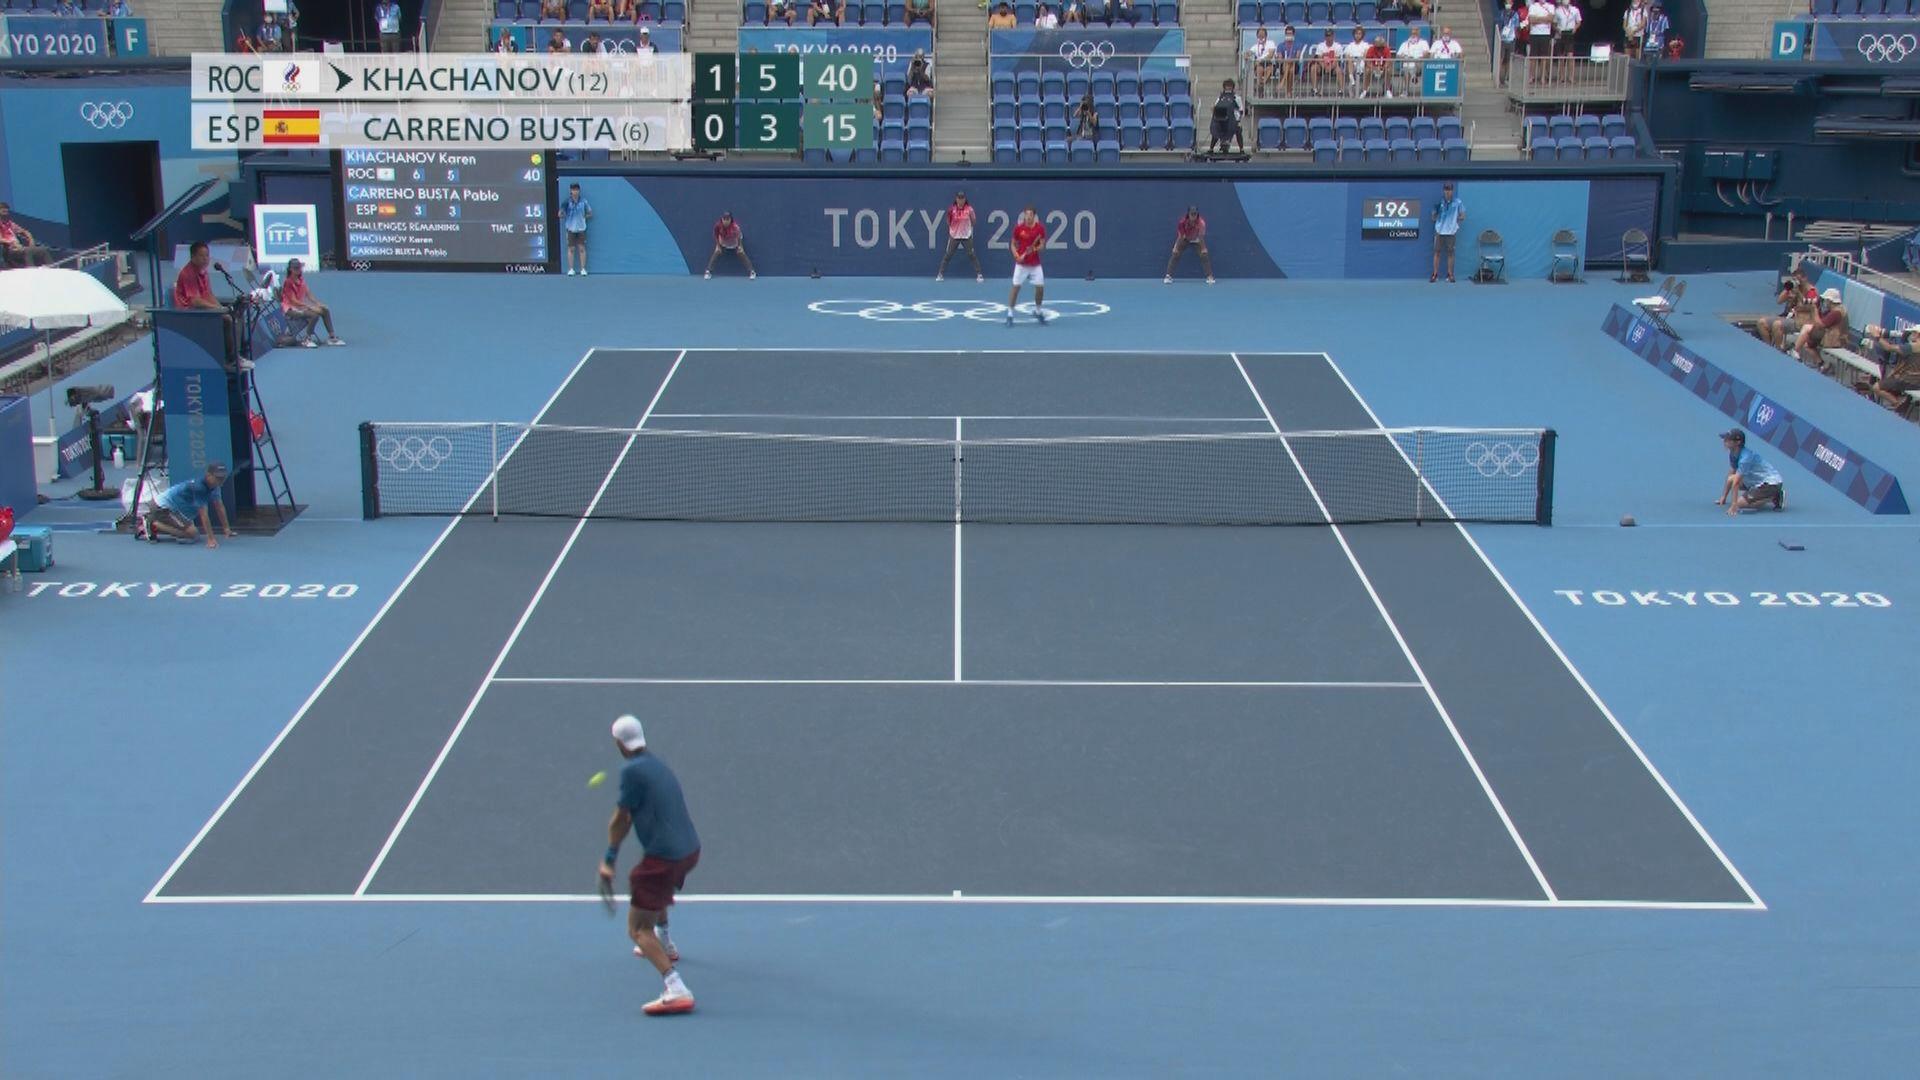 施維列夫將與卡查洛夫爭網球男單冠軍